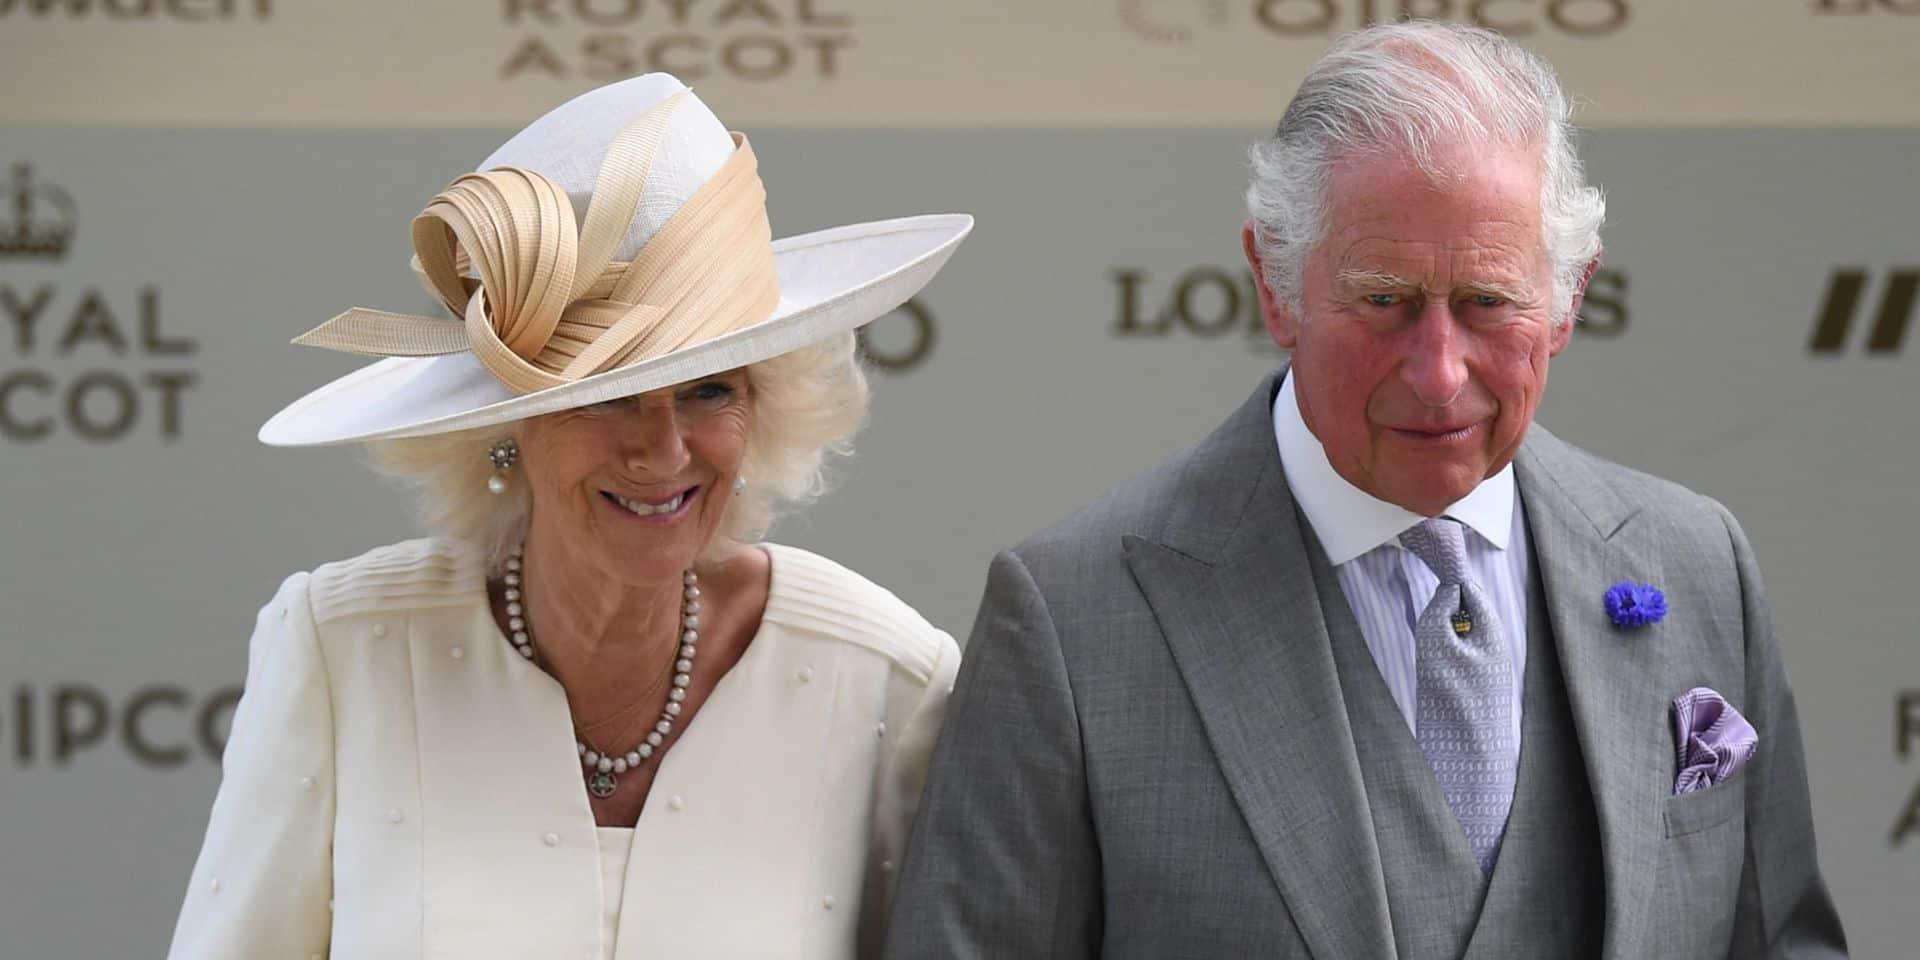 """La nouvelle """"preuve"""" intrigante du fils caché présumé de Charles et Camilla: """"C'est le double de la Reine"""""""